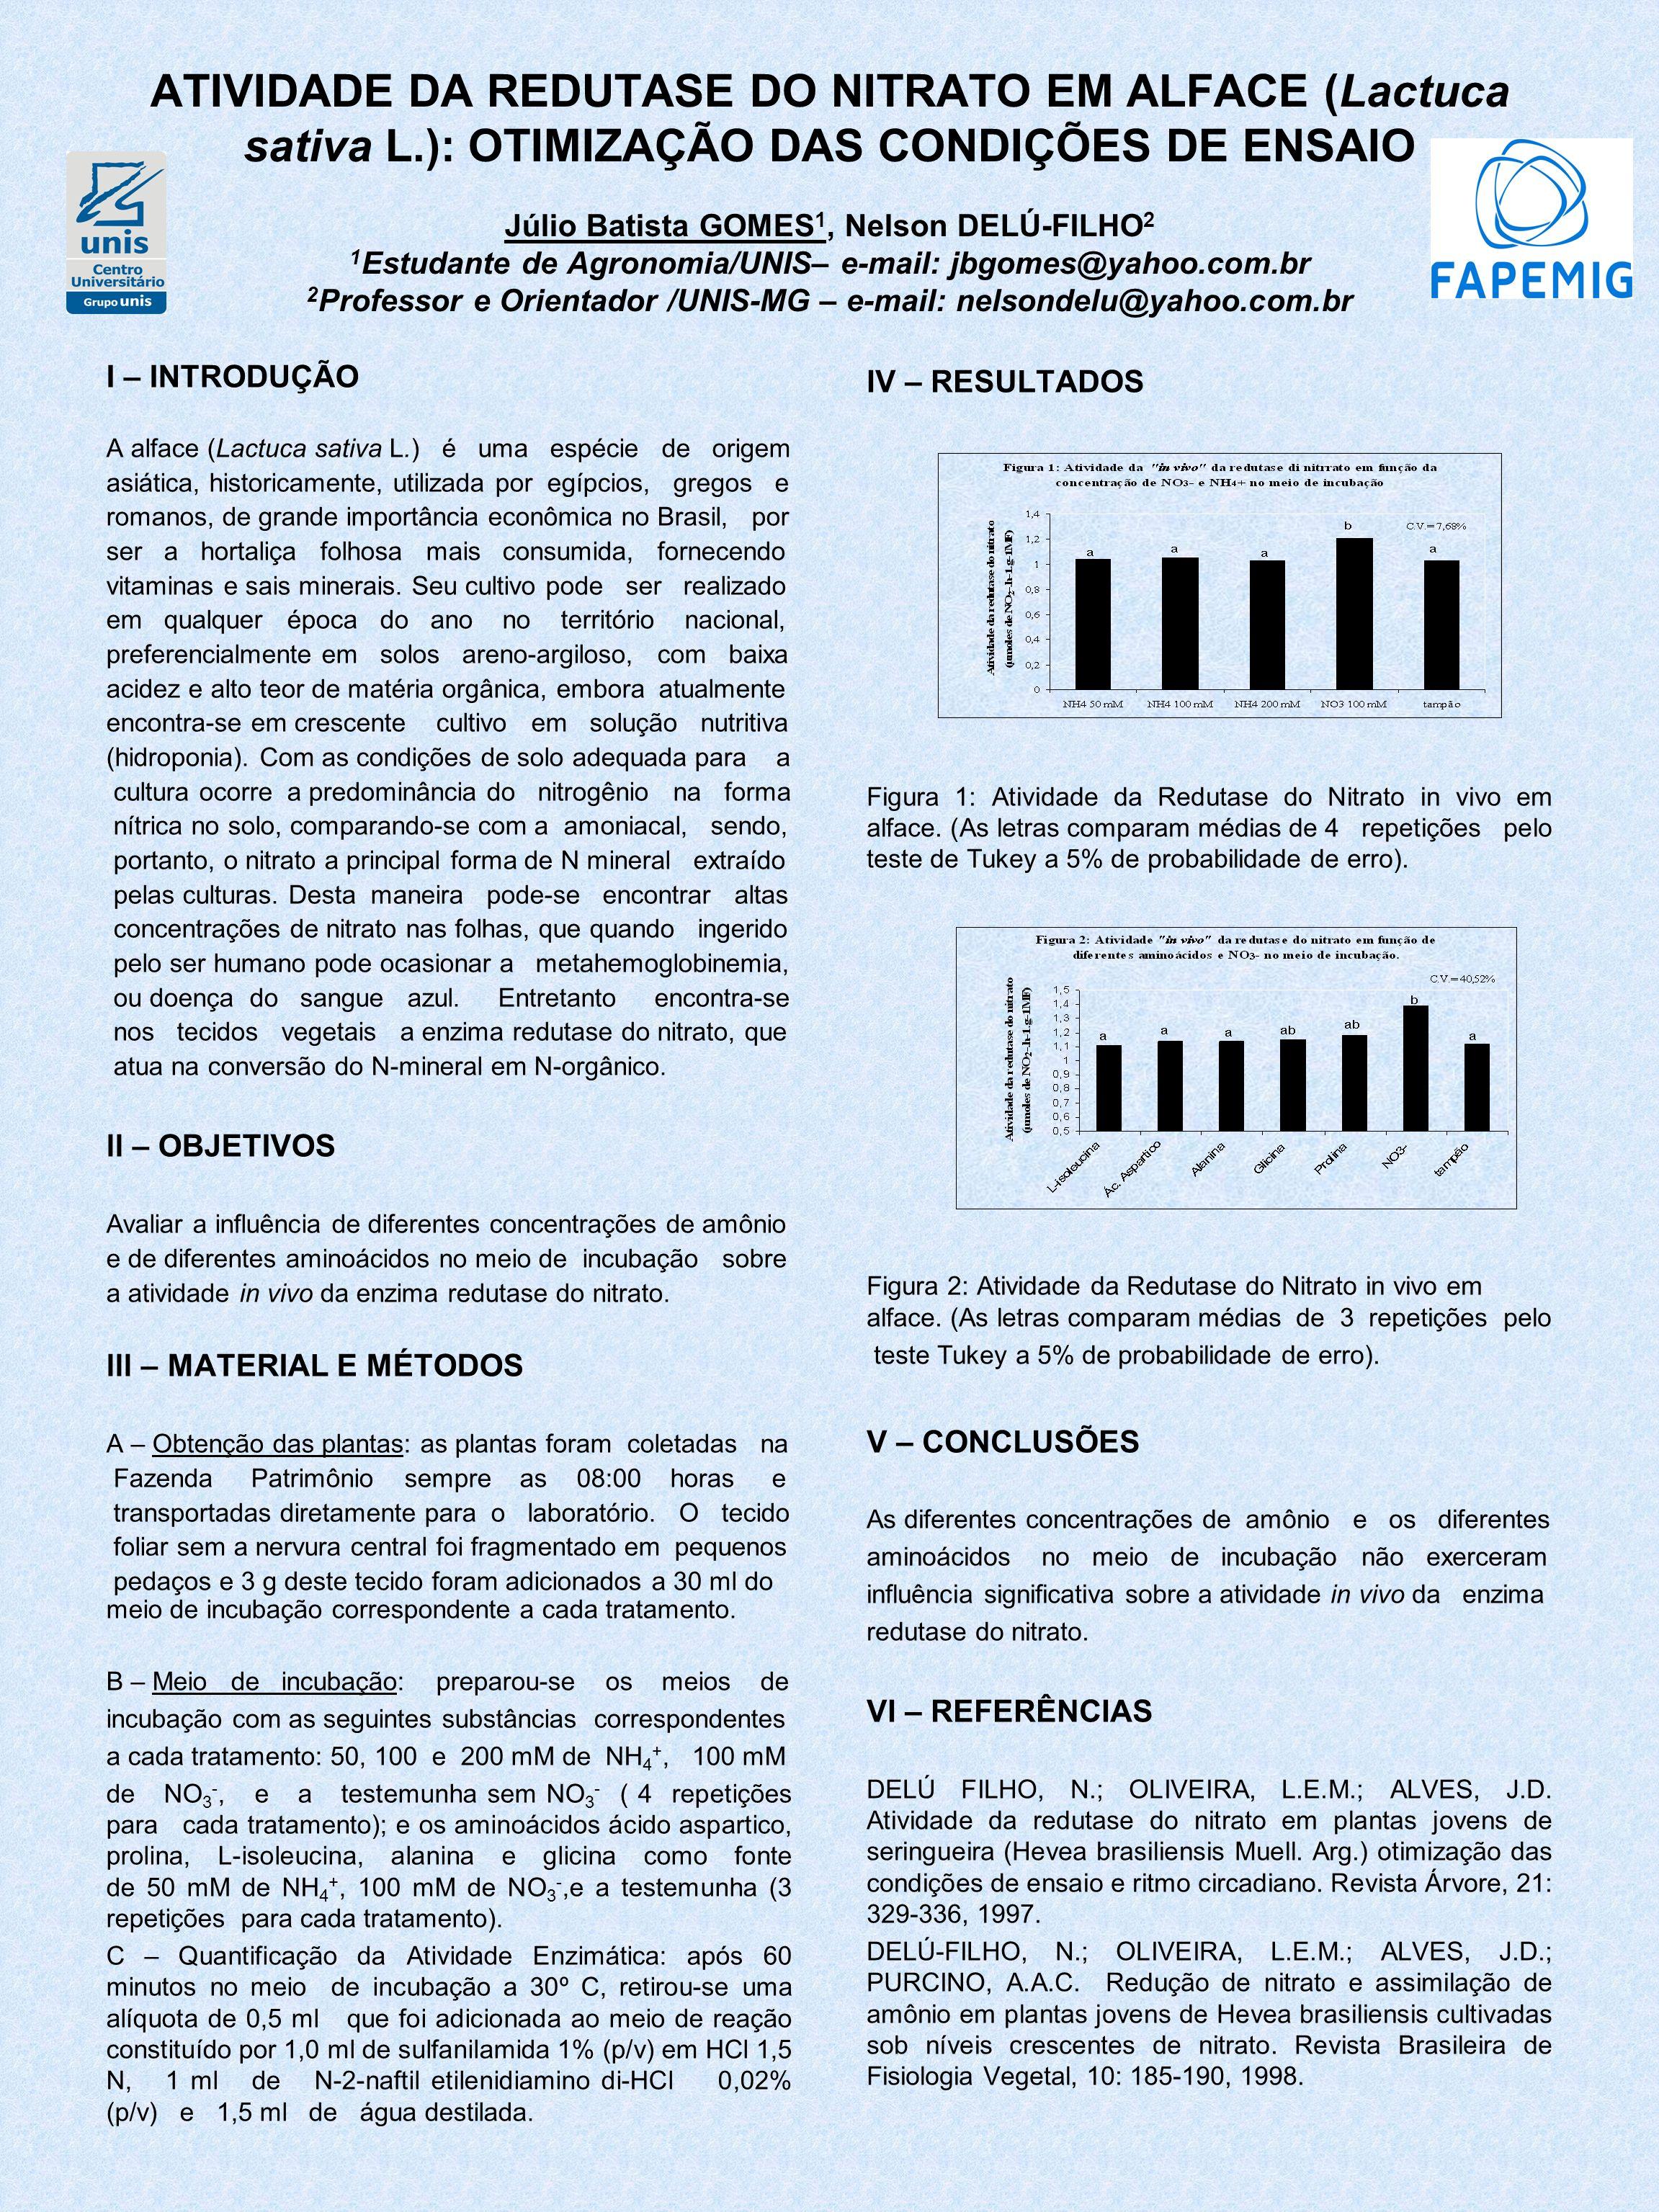 ATIVIDADE DA REDUTASE DO NITRATO EM ALFACE (Lactuca sativa L